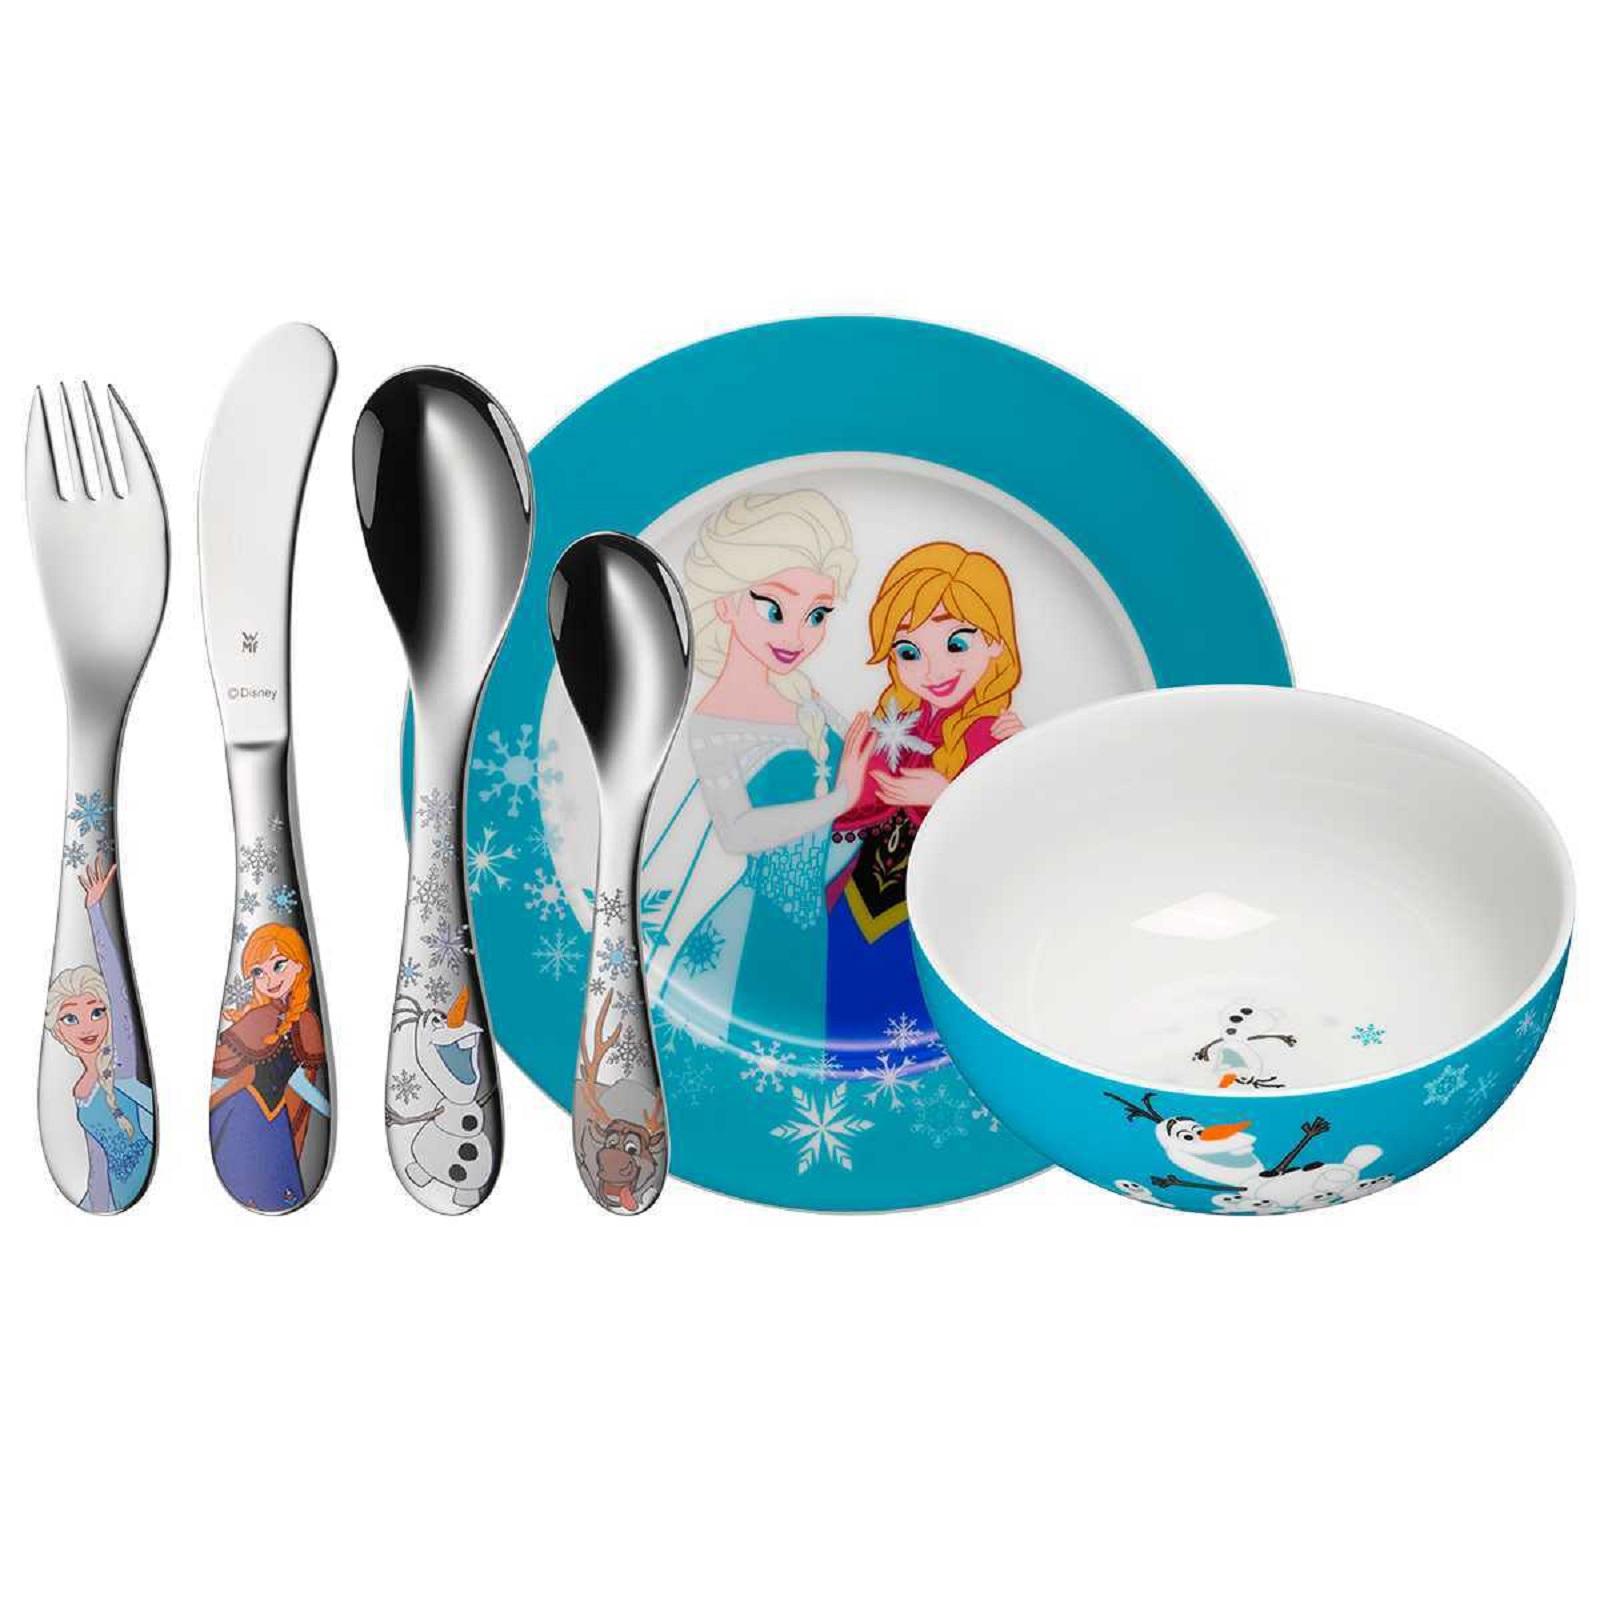 Онлайн каталог PROMENU: Набор столовый детский, 6 пр WMF Frozen  (12 8600 9964) WMF 12 8600 9964